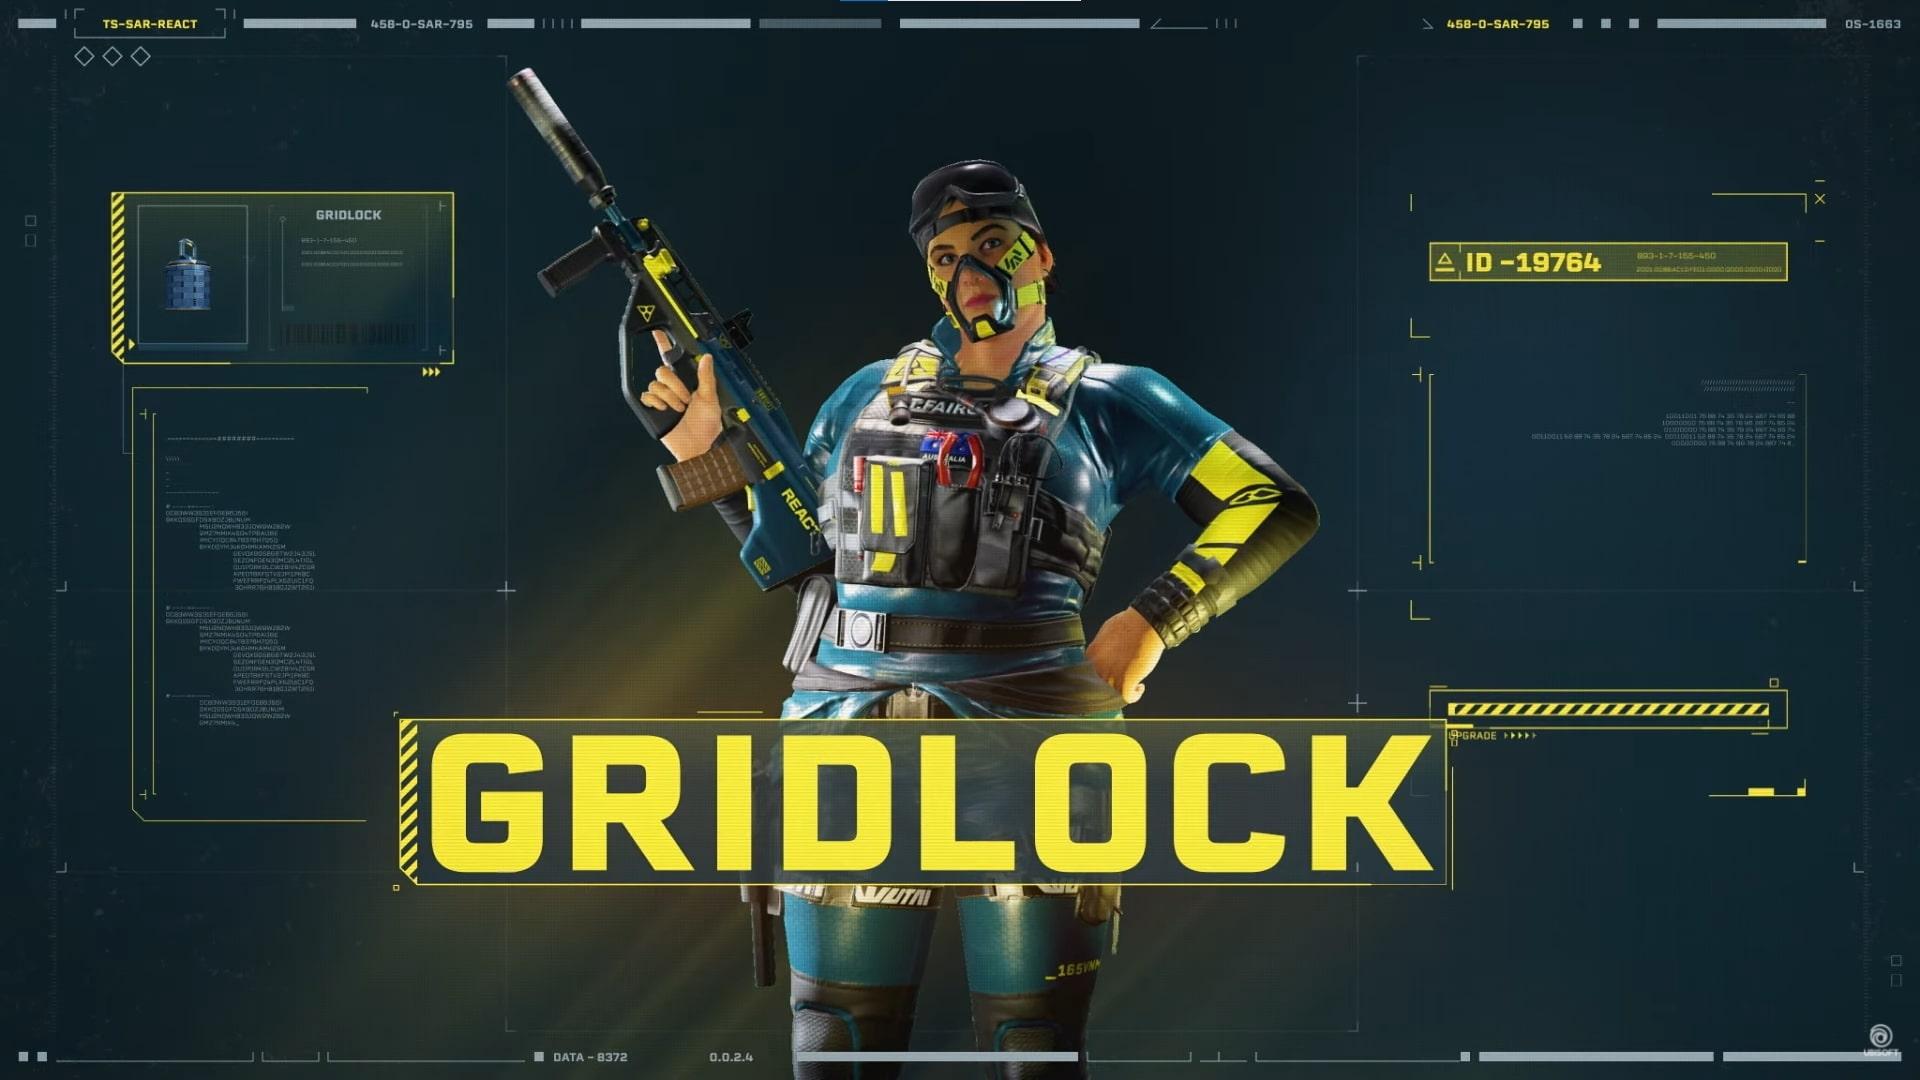 Rainbow Six Extraction Gridlock